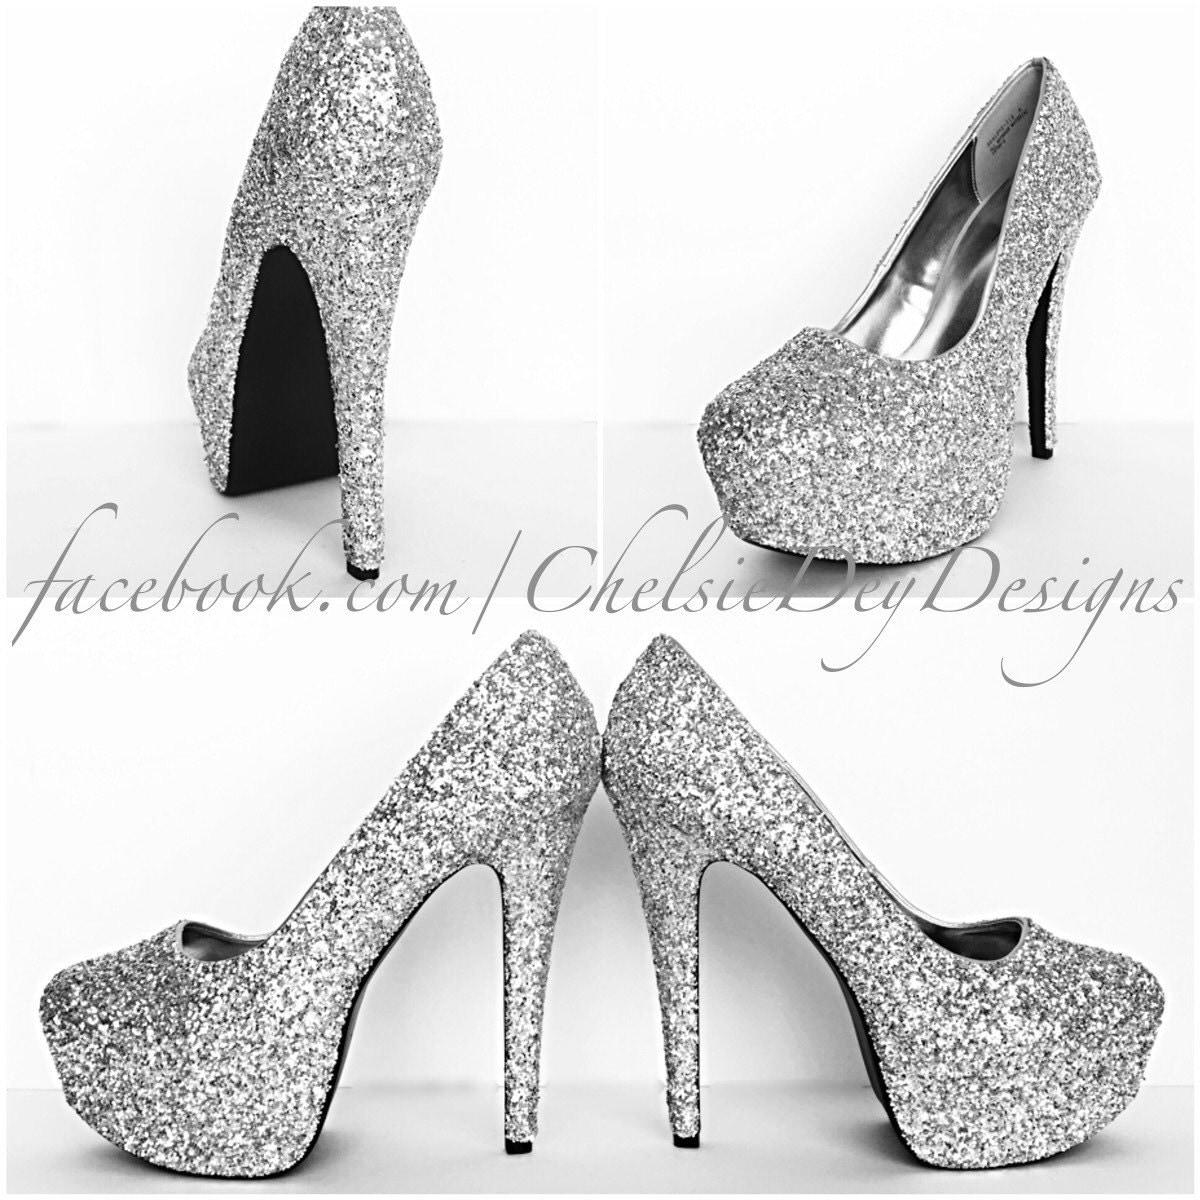 glitter high heels silver platform pumps grey gray sparkly. Black Bedroom Furniture Sets. Home Design Ideas